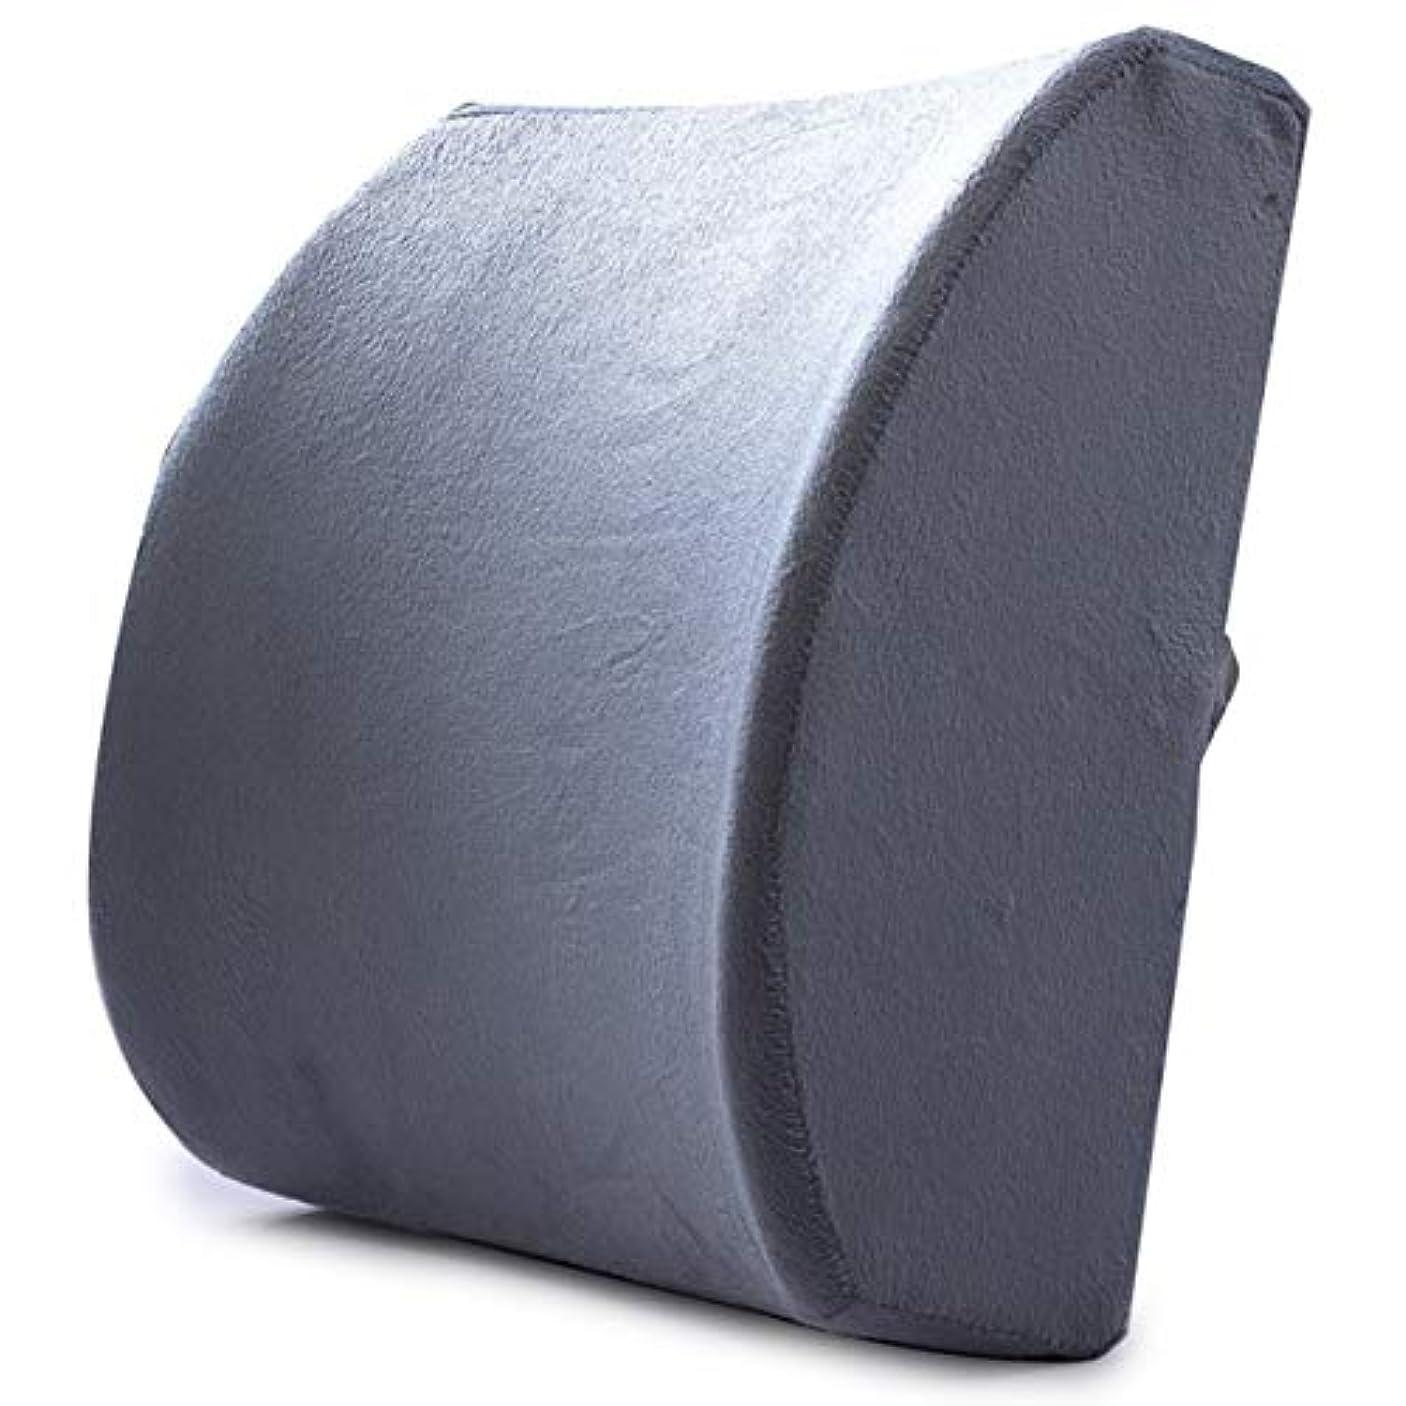 グローモニカ重要な役割を果たす、中心的な手段となるMemory Foam Lumbar Support Waist Cushion Pillow For Chairs in the Car Seat Pillows Home Office Relieve Pain